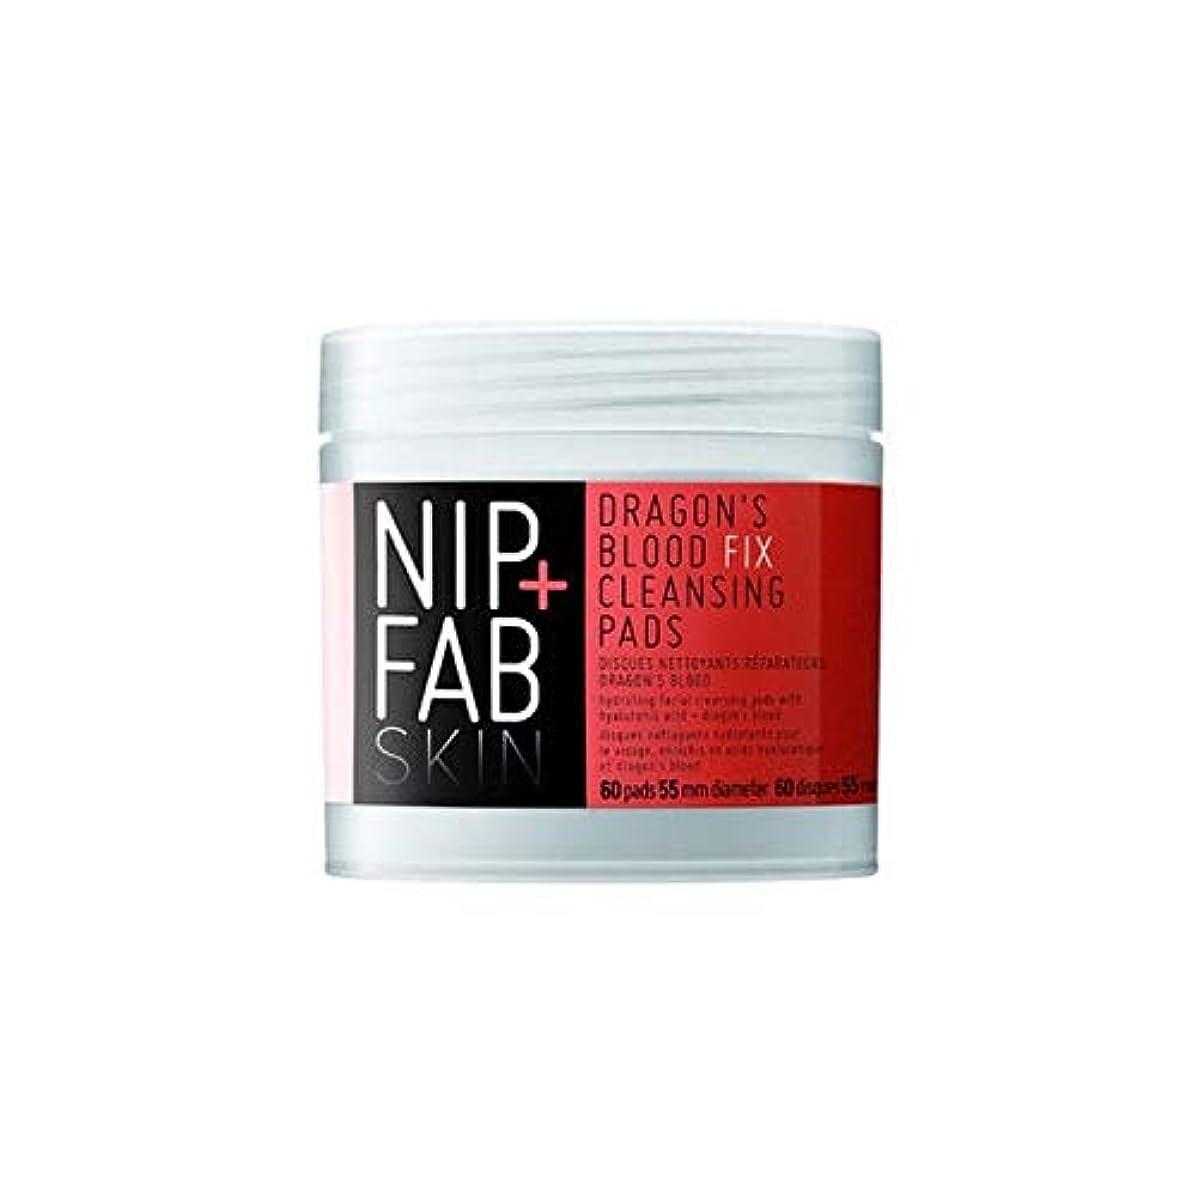 アパート雷雨クラッチ[Nip & Fab] + Fabドラゴンの血修正クレンジングパッドX60ニップ - Nip+Fab Dragons Blood Fix Cleansing Pads x60 [並行輸入品]